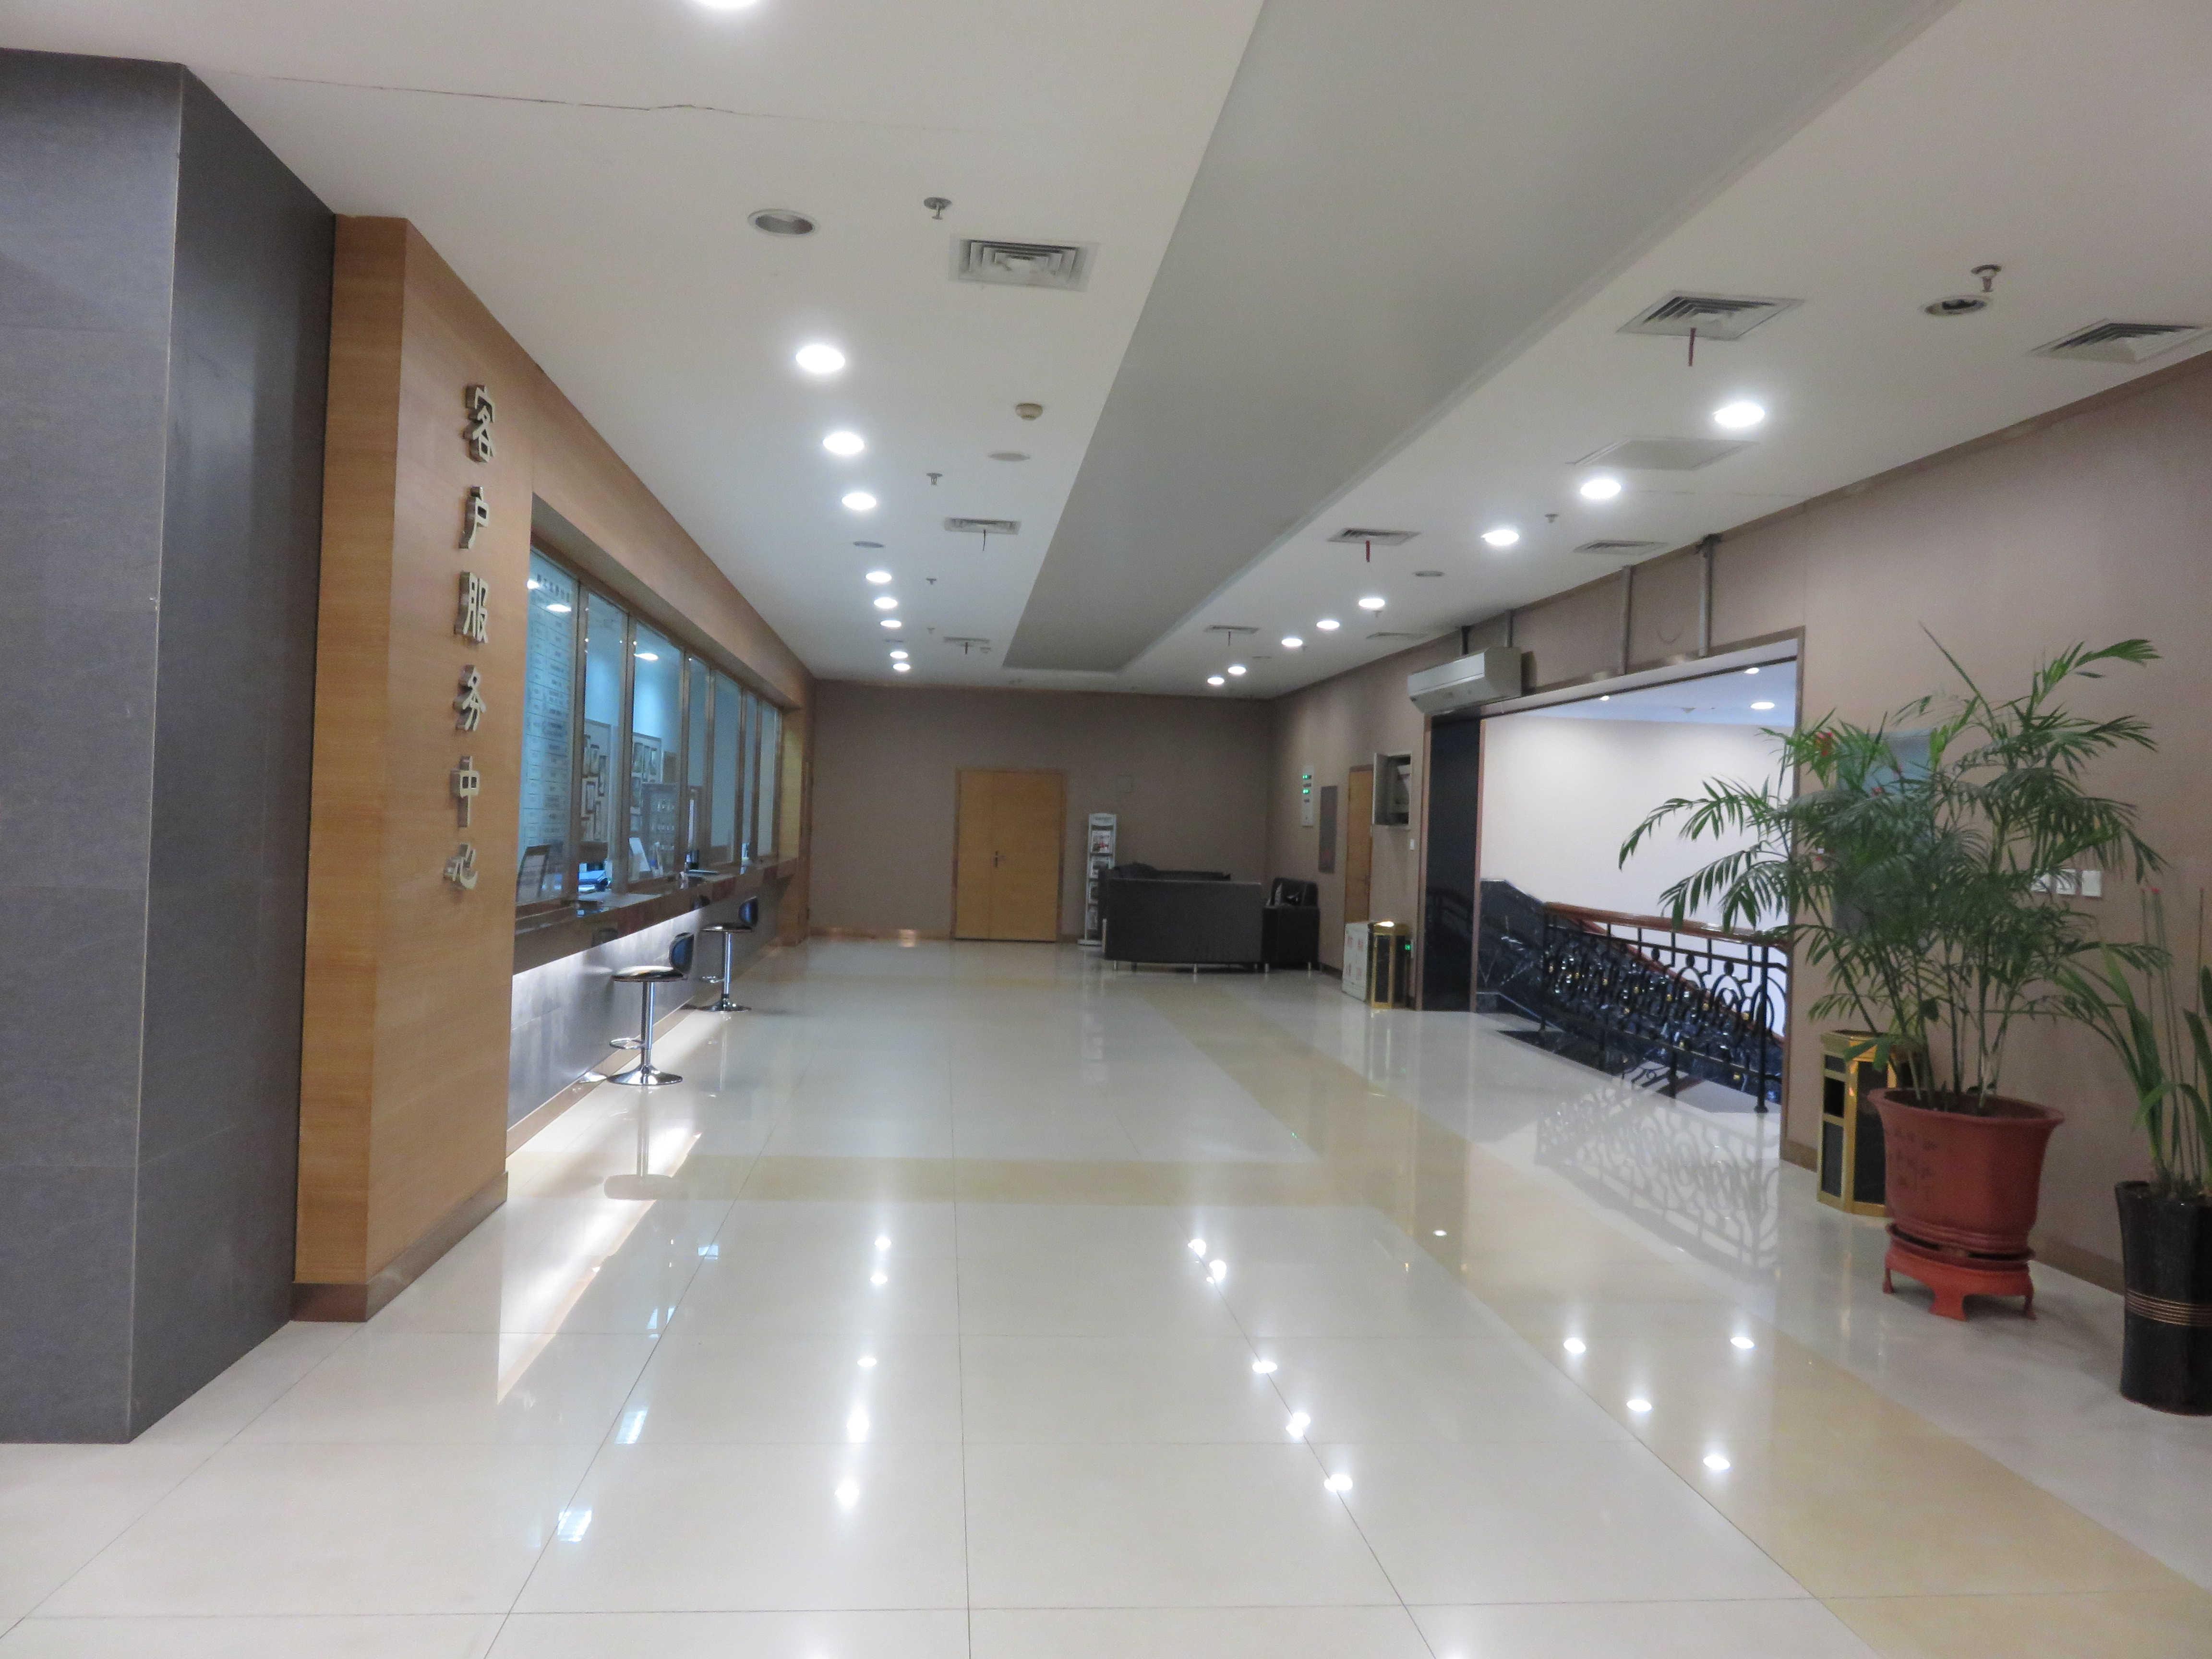 盛时钟表维修沈阳秋林客户服务中心